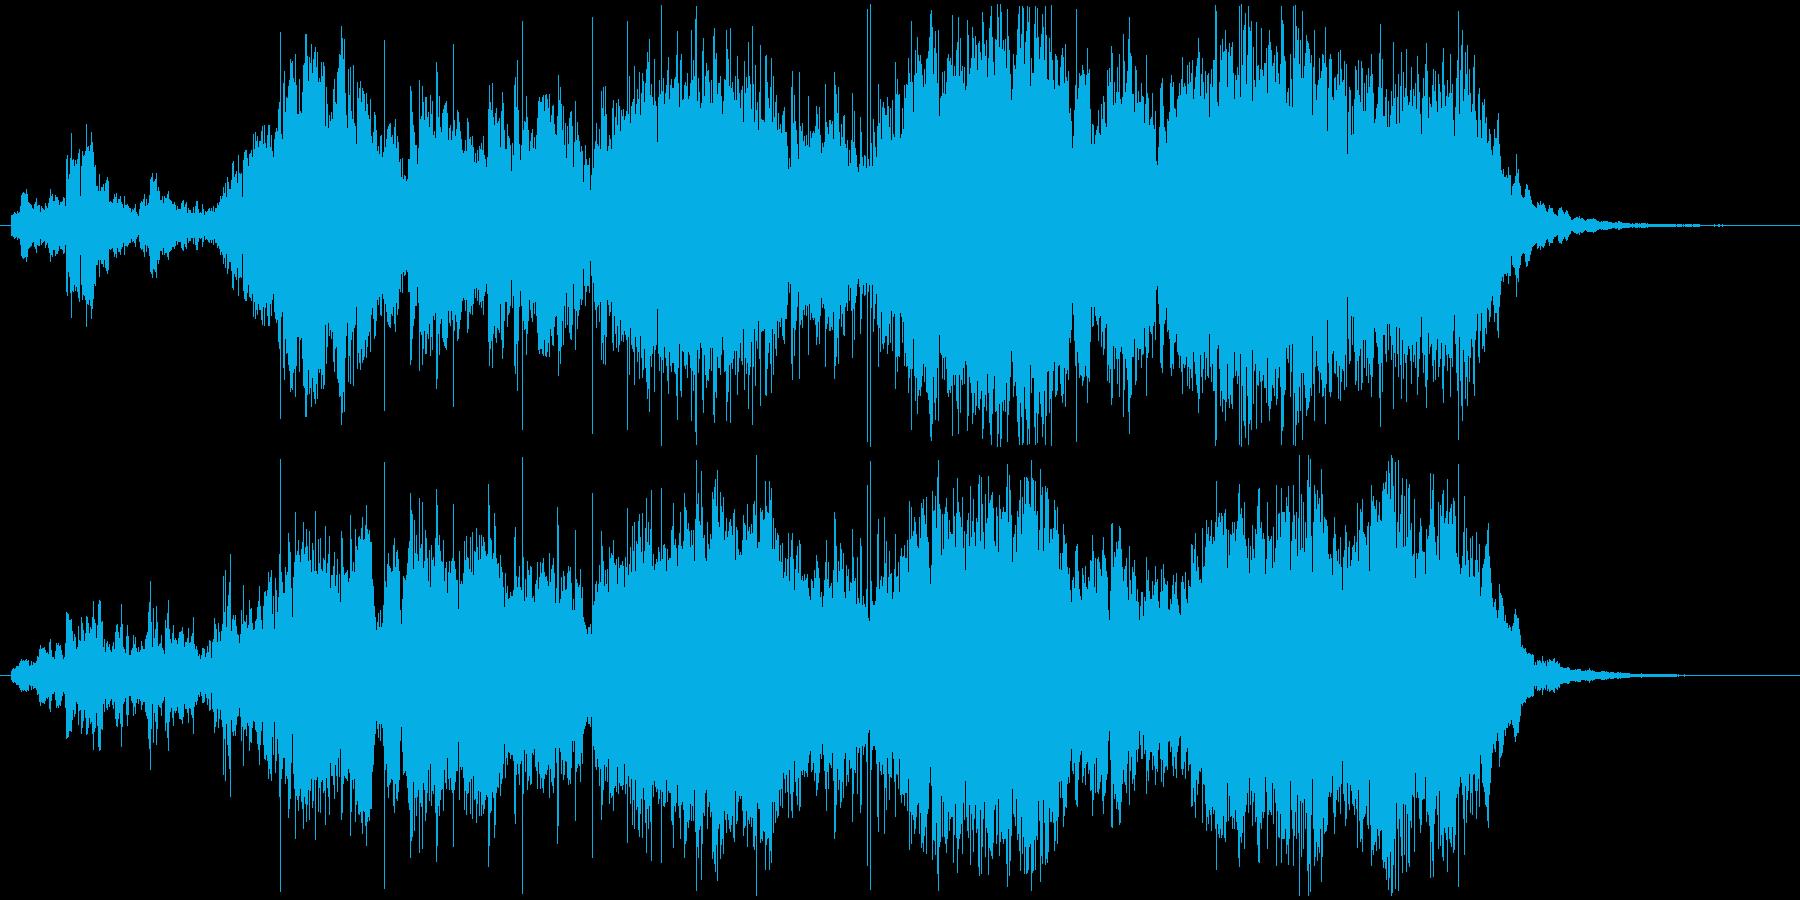 トレーラー・予告編ぽい短いオーケストラ曲の再生済みの波形